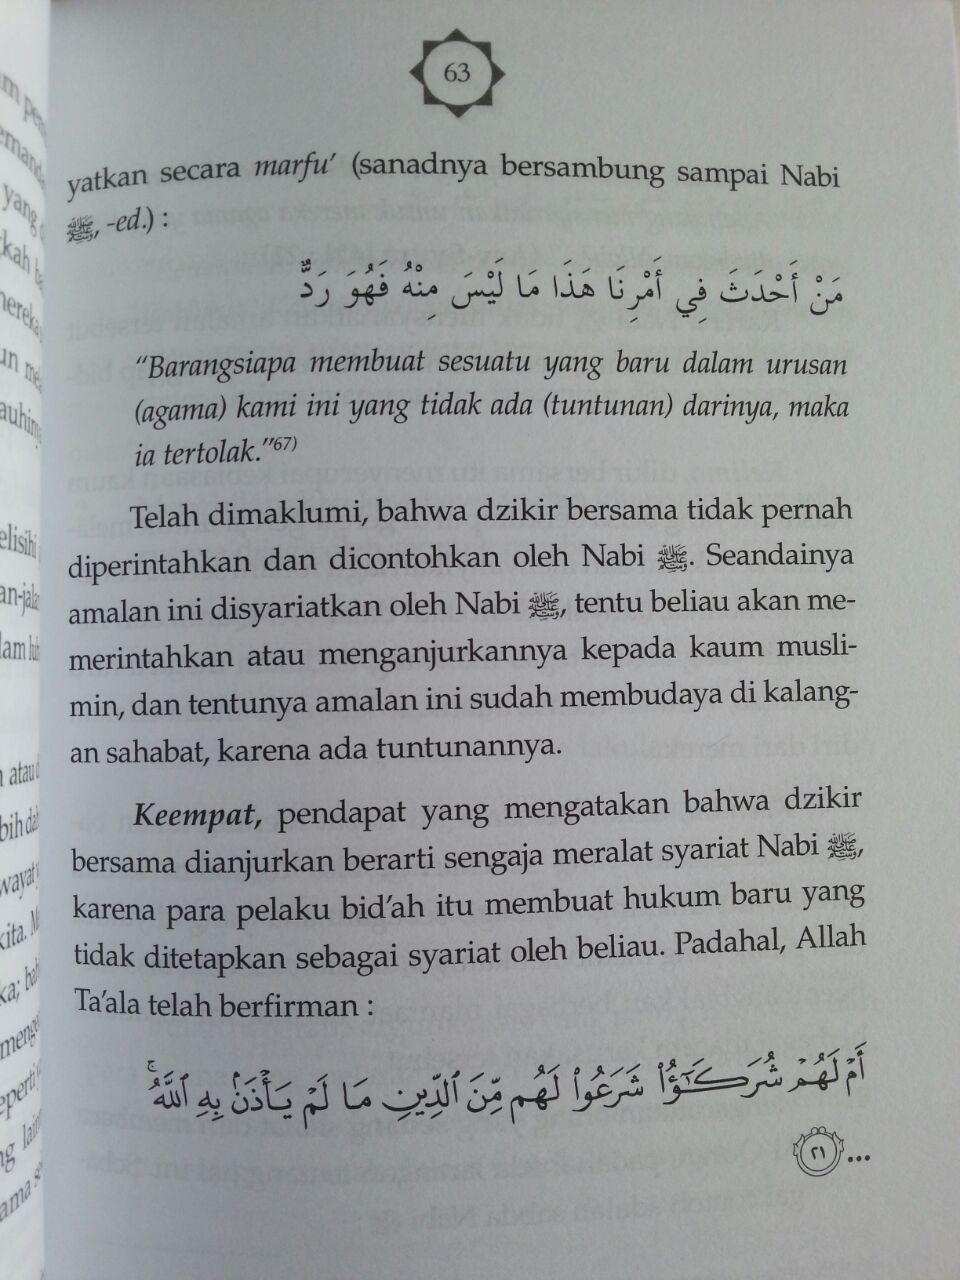 Buku Berdzikir Sesuai Sunnah Nabi Kajian Lengkap Seputar Dzikir Bersama isi 3